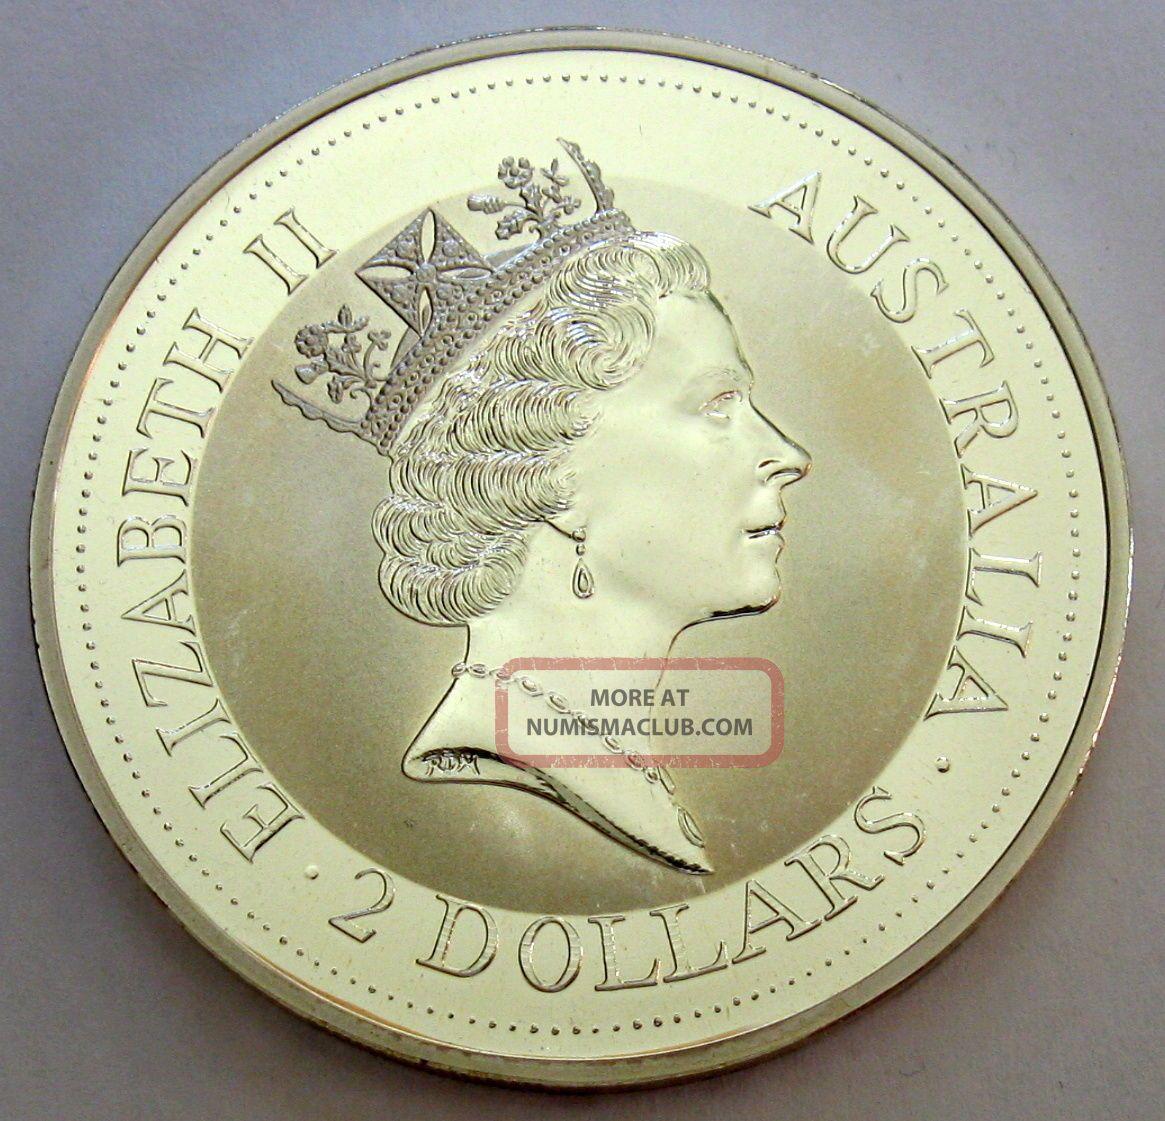 1992 Australia Kookaburra 2 Oz 999 Fine Silver Coin 2